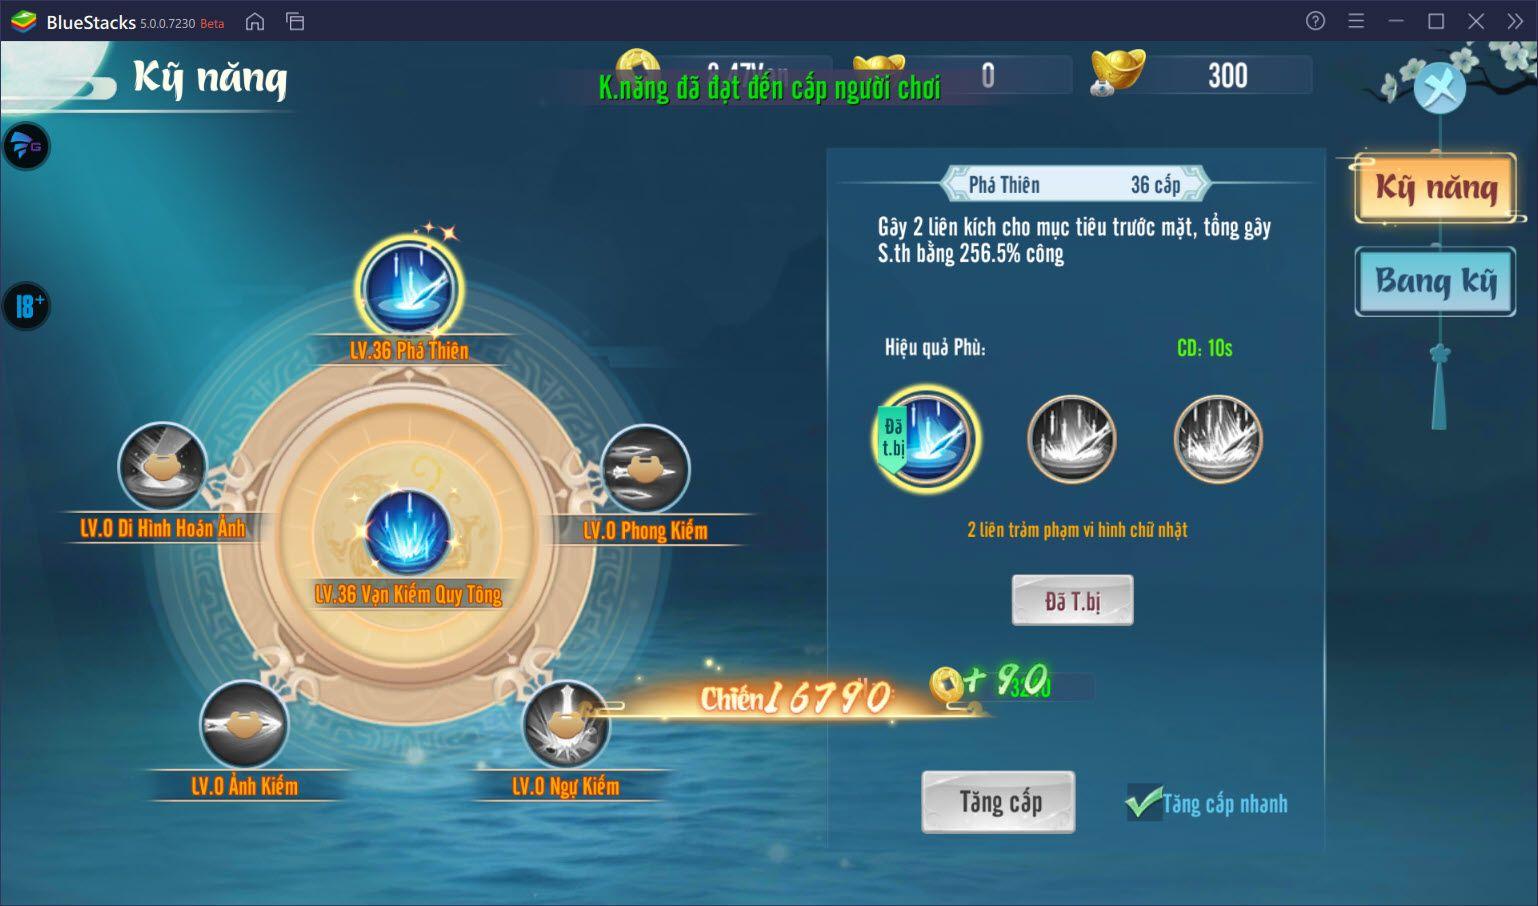 Thiên Long Kiếm 2: Tìm hiểu hệ thống nâng cấp kỹ năng, trang bị